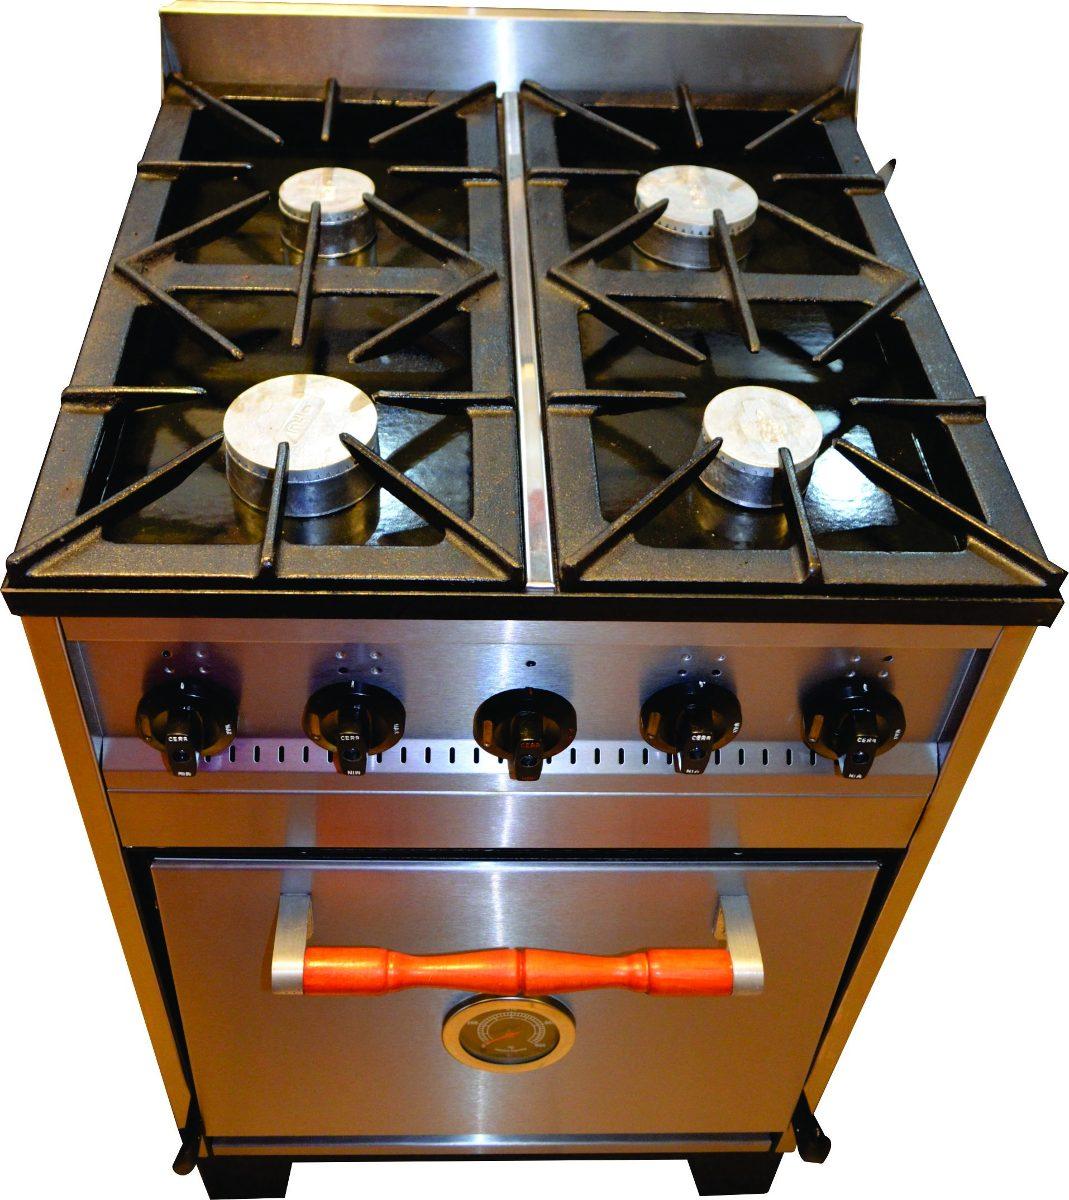 Cocina Industrial Familiar Tecno 4h 60cm Acero Inoxidable   1109900 en Mercado Libre